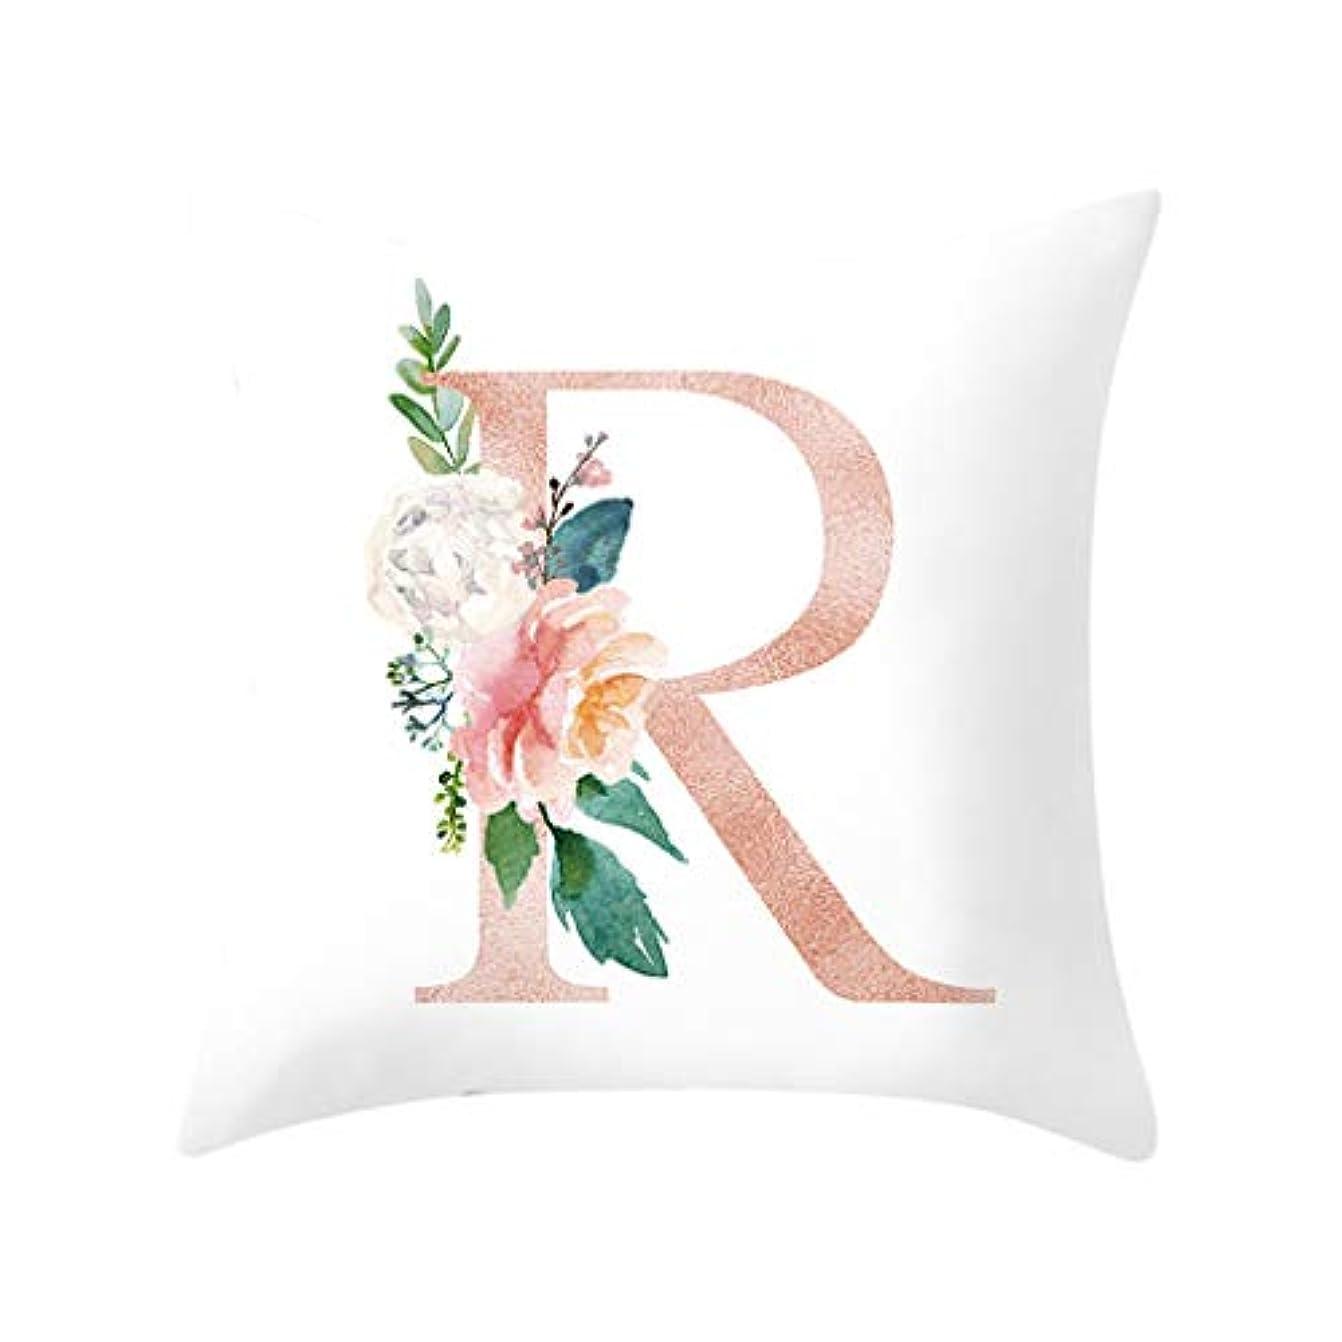 失望力学楽しむLIFE 装飾クッションソファ手紙枕アルファベットクッション印刷ソファ家の装飾の花枕 coussin decoratif クッション 椅子